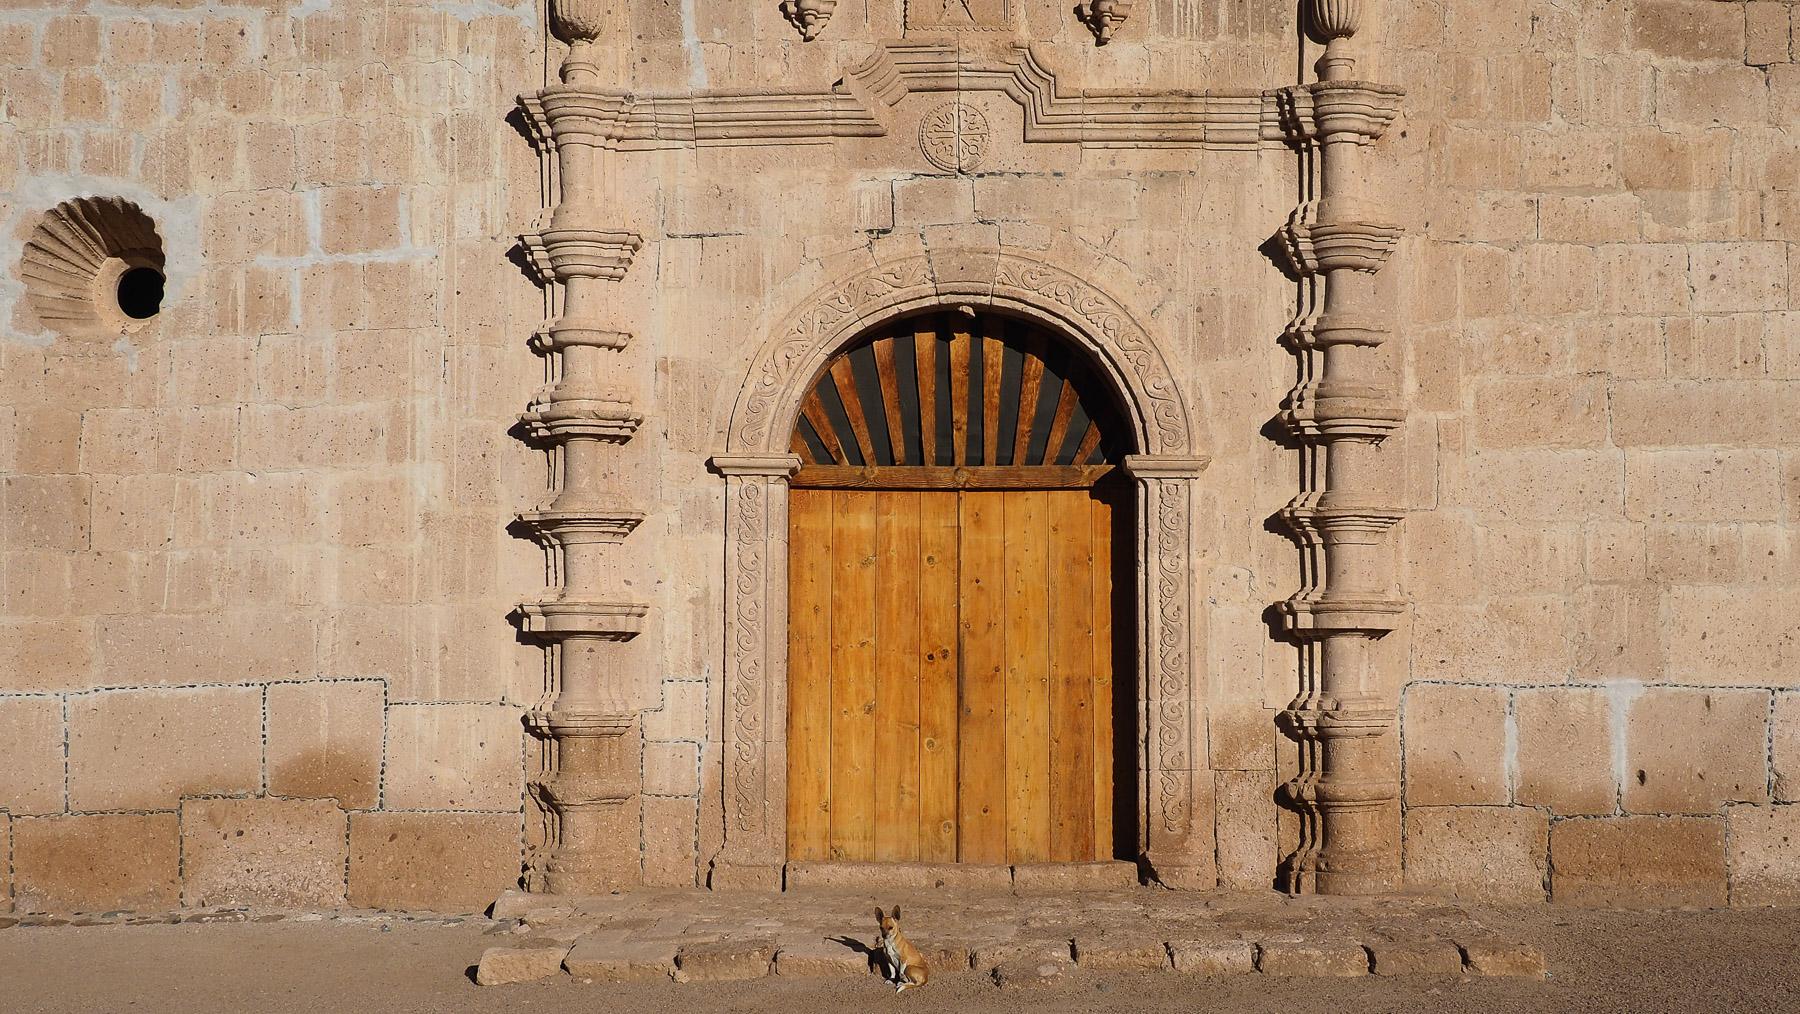 Der Eingang zur Mission wird von einem Zerberus bewacht